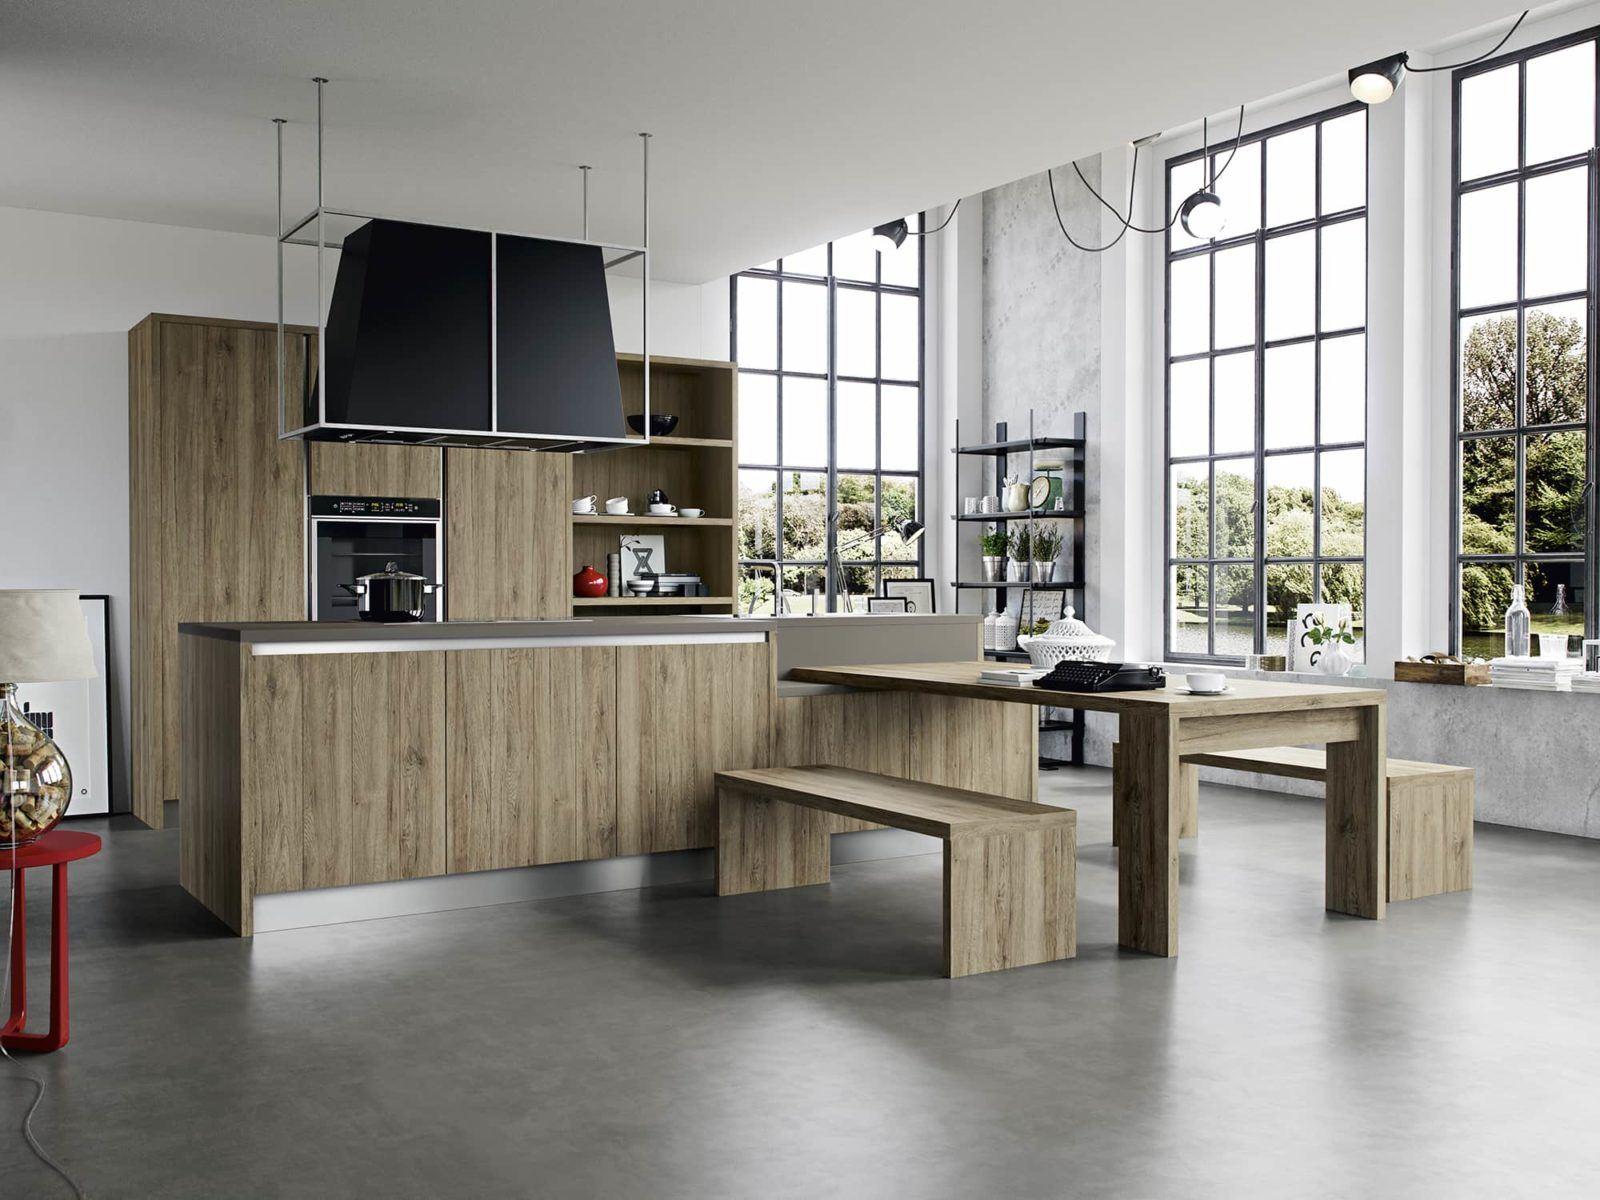 Isola cucina disegno tavolo for Cucina a concetto aperta con isola